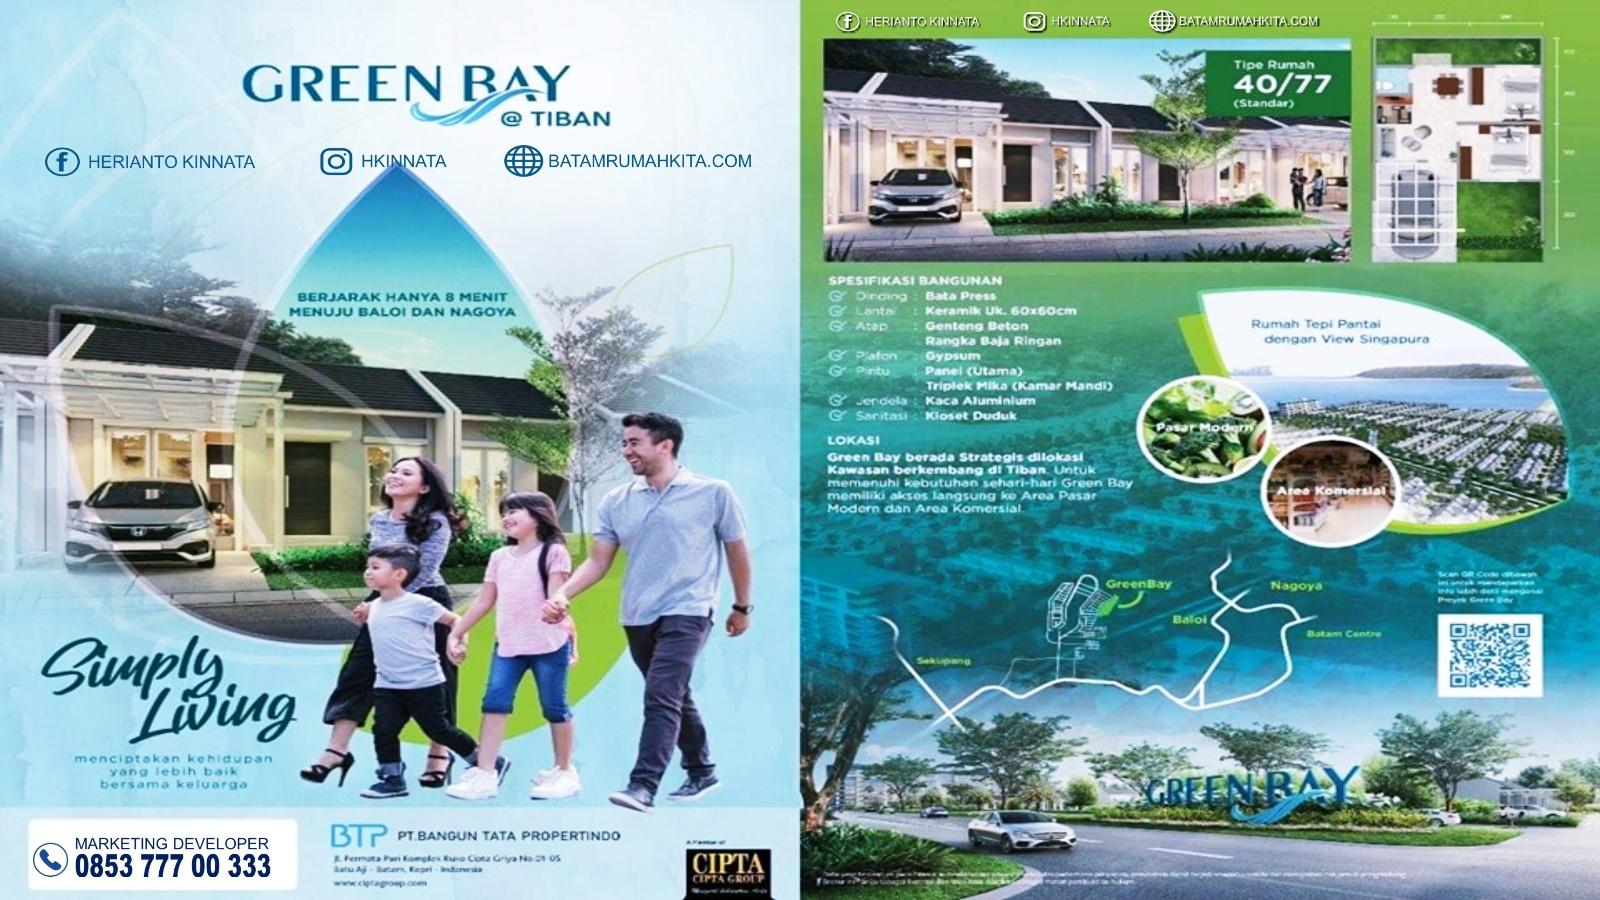 Perumahan baru Green Bay Tiban Batam